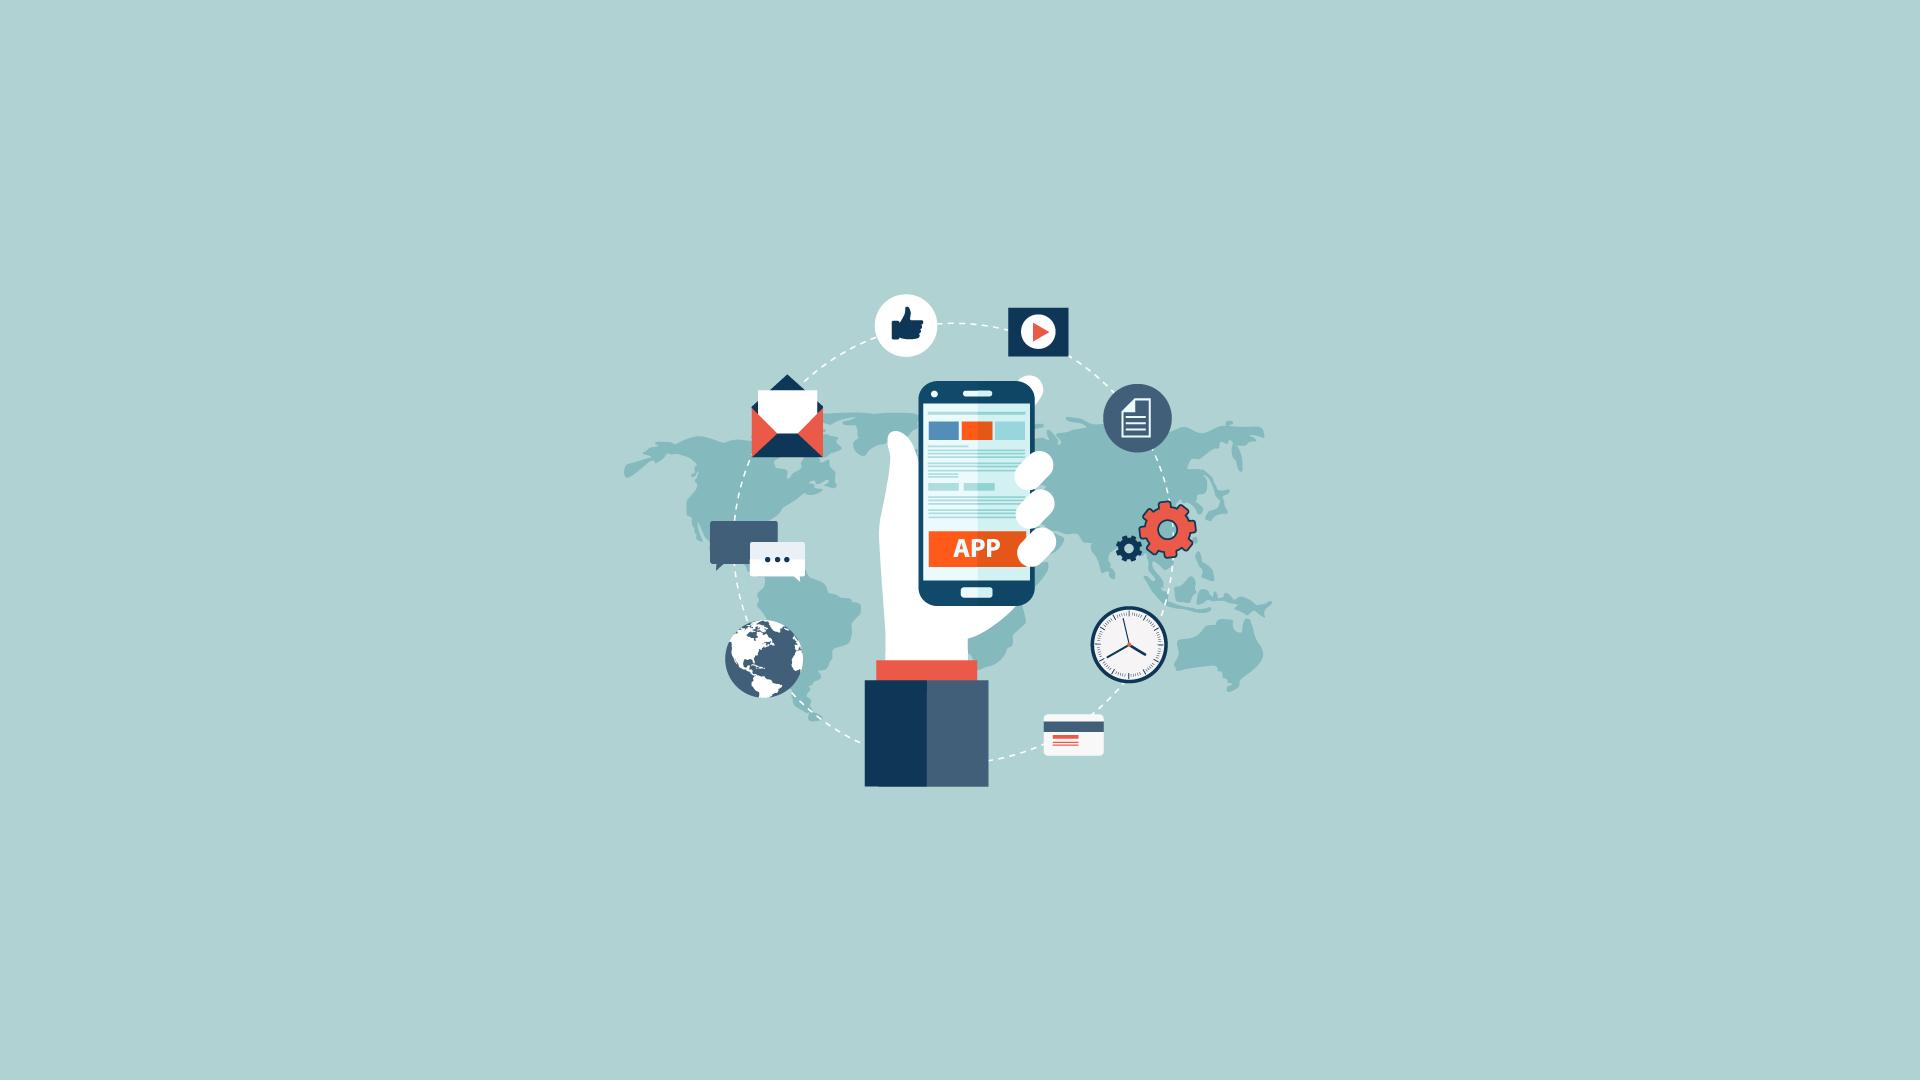 Mobil Uygulamaları Geliştirme